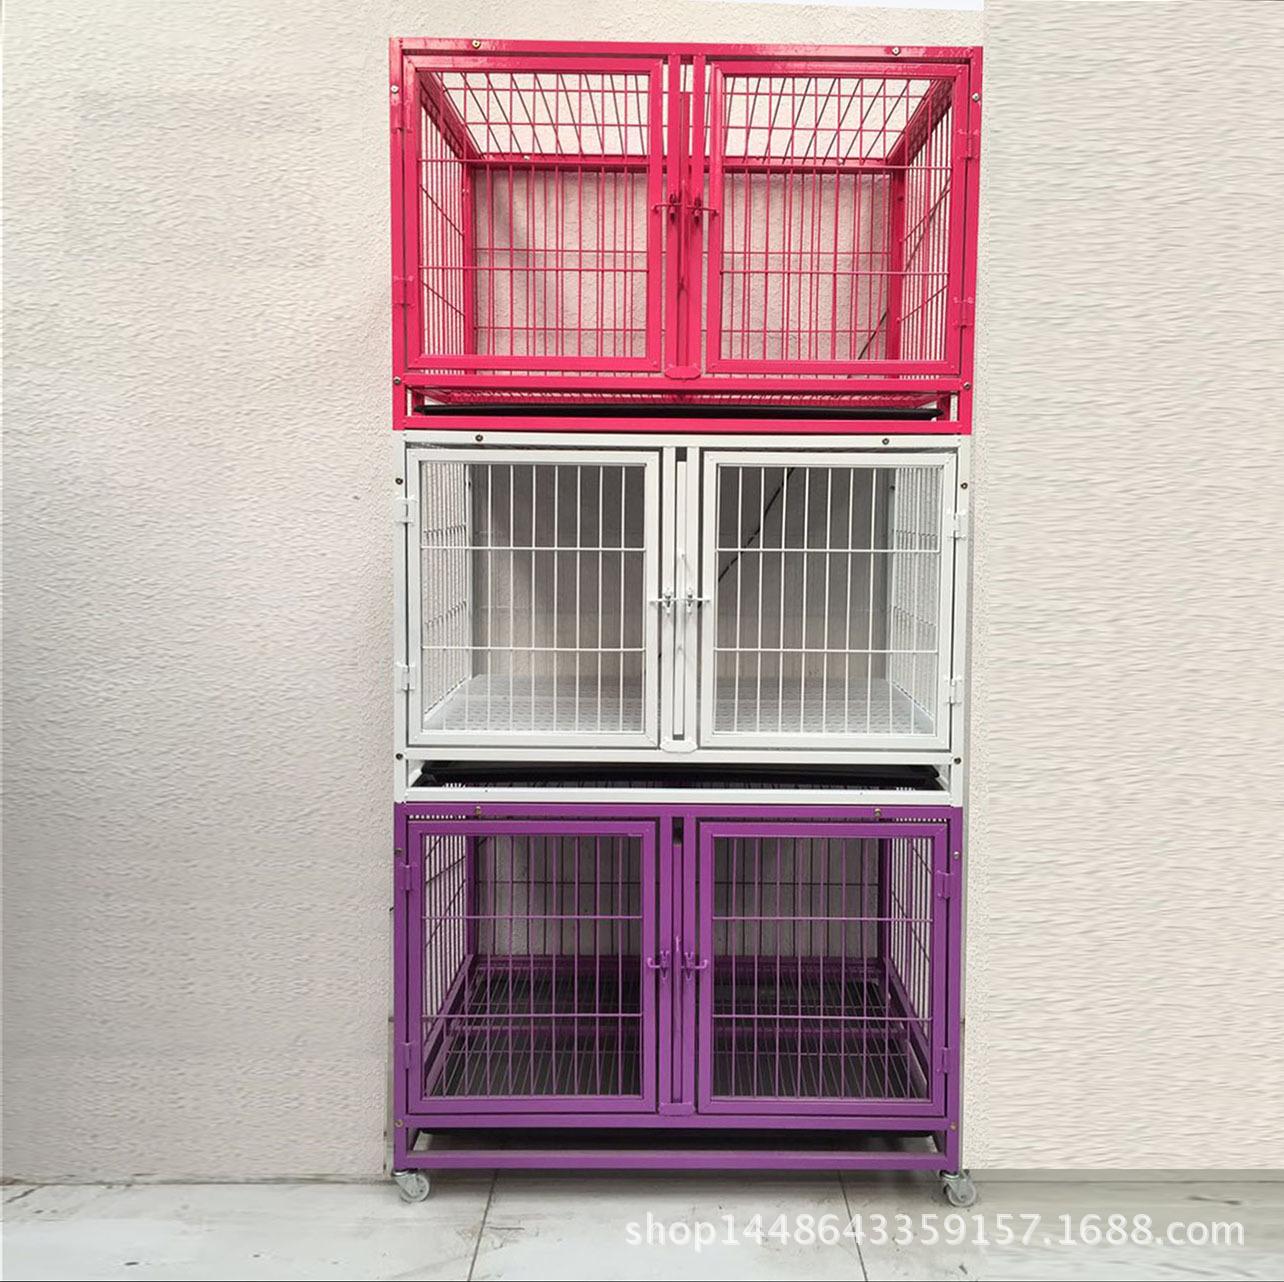 宠物寄养笼具分离笼子隔离笼可拆分笼带隔断三层多层笼具宠物医院